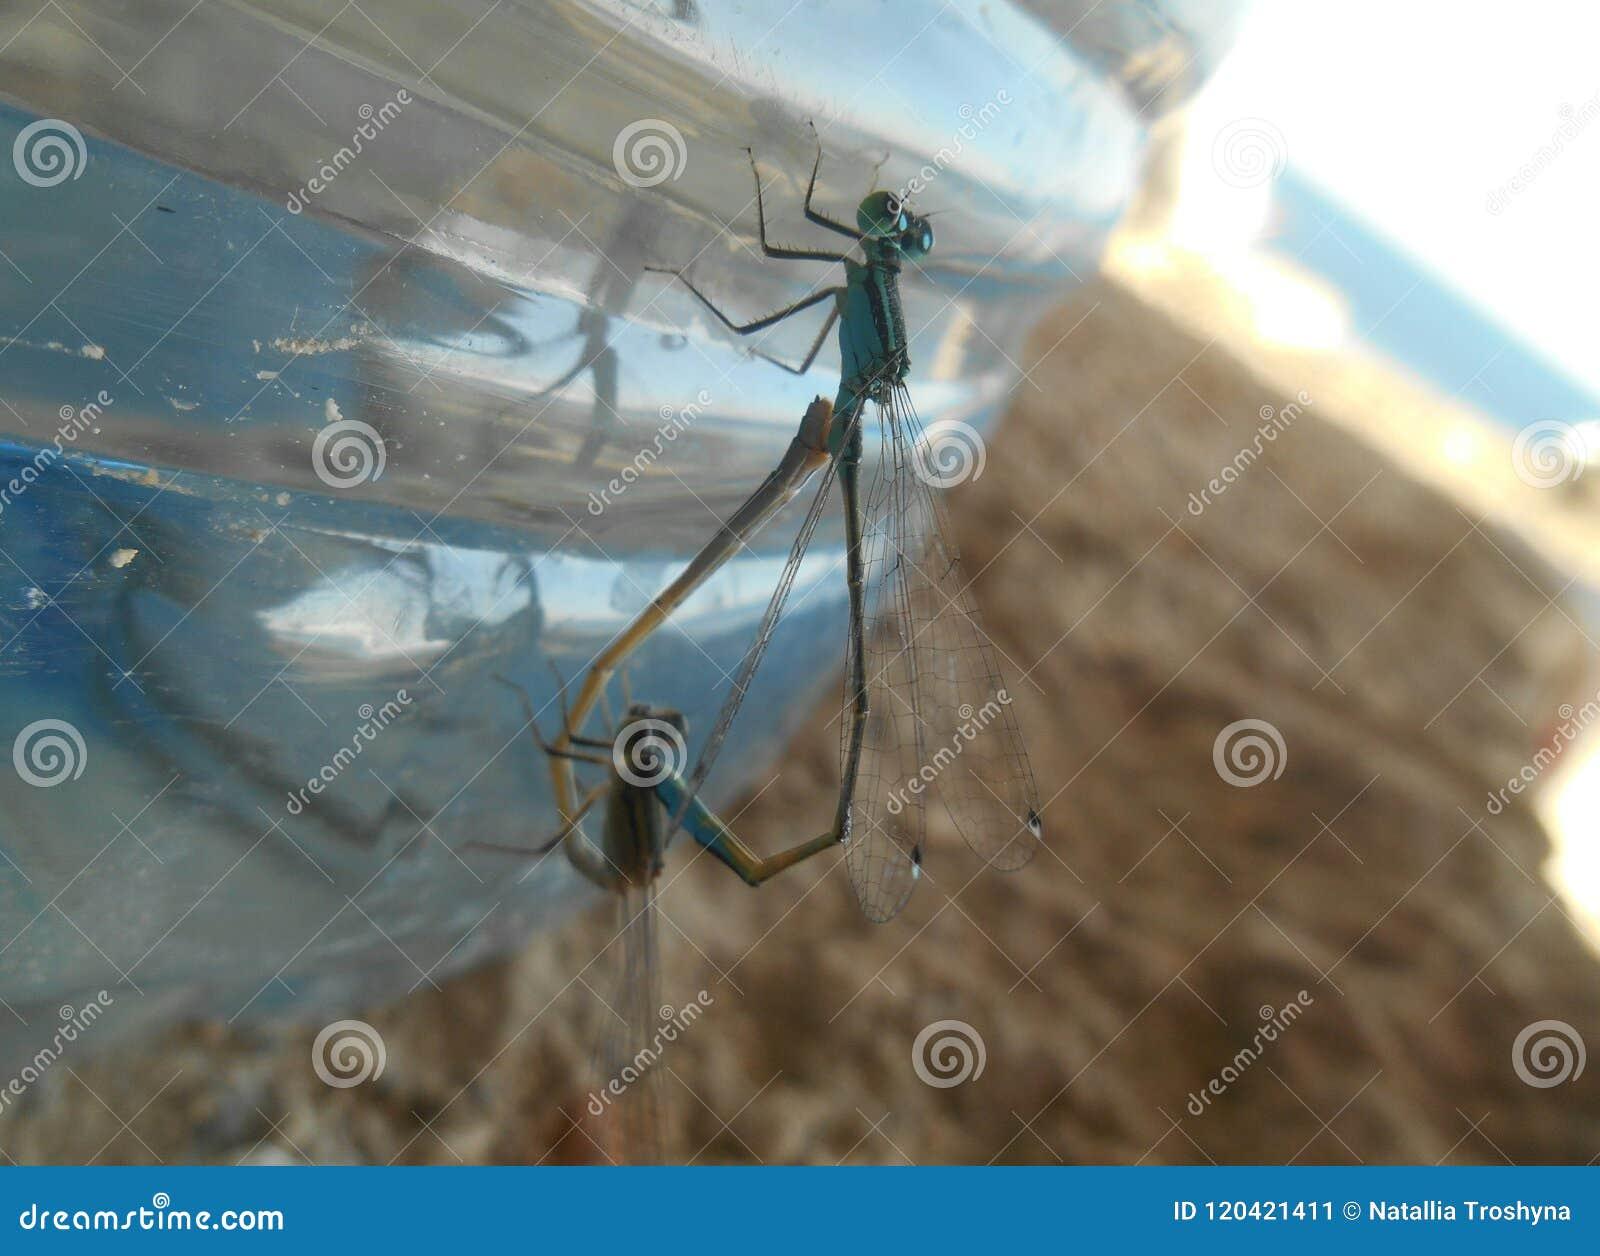 Dragonflies in love wild life